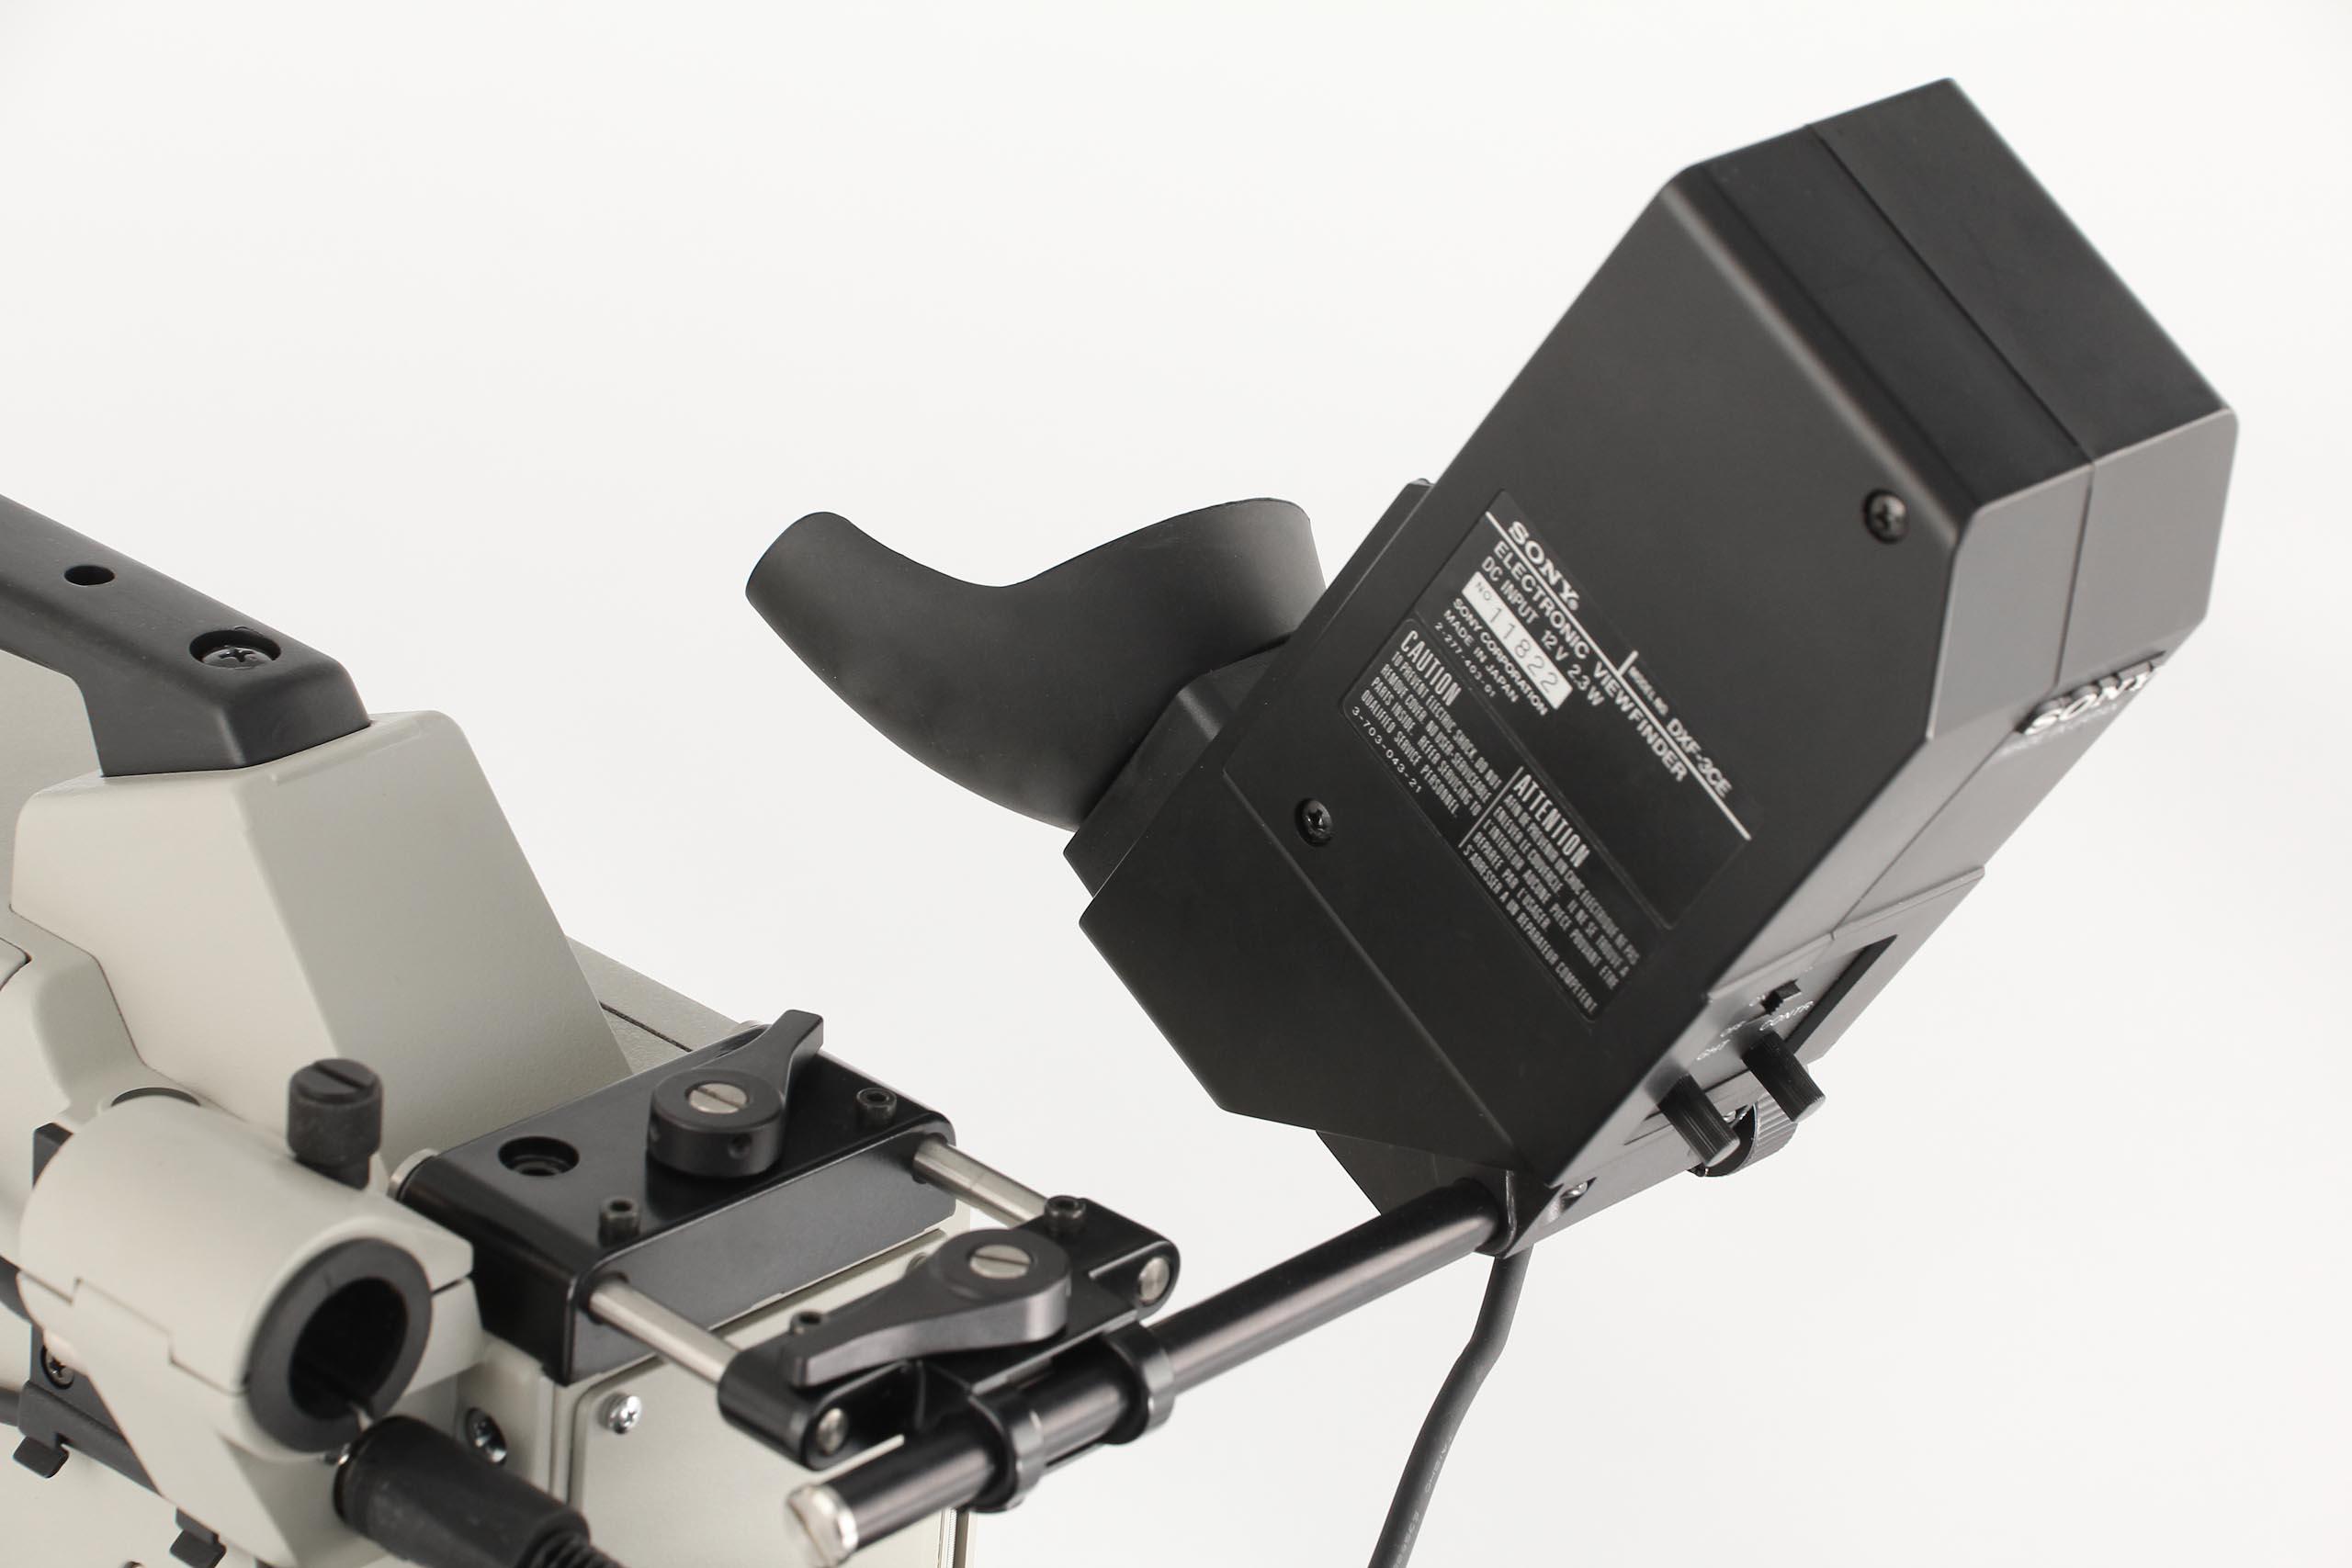 Sony DXC-6000P - 5